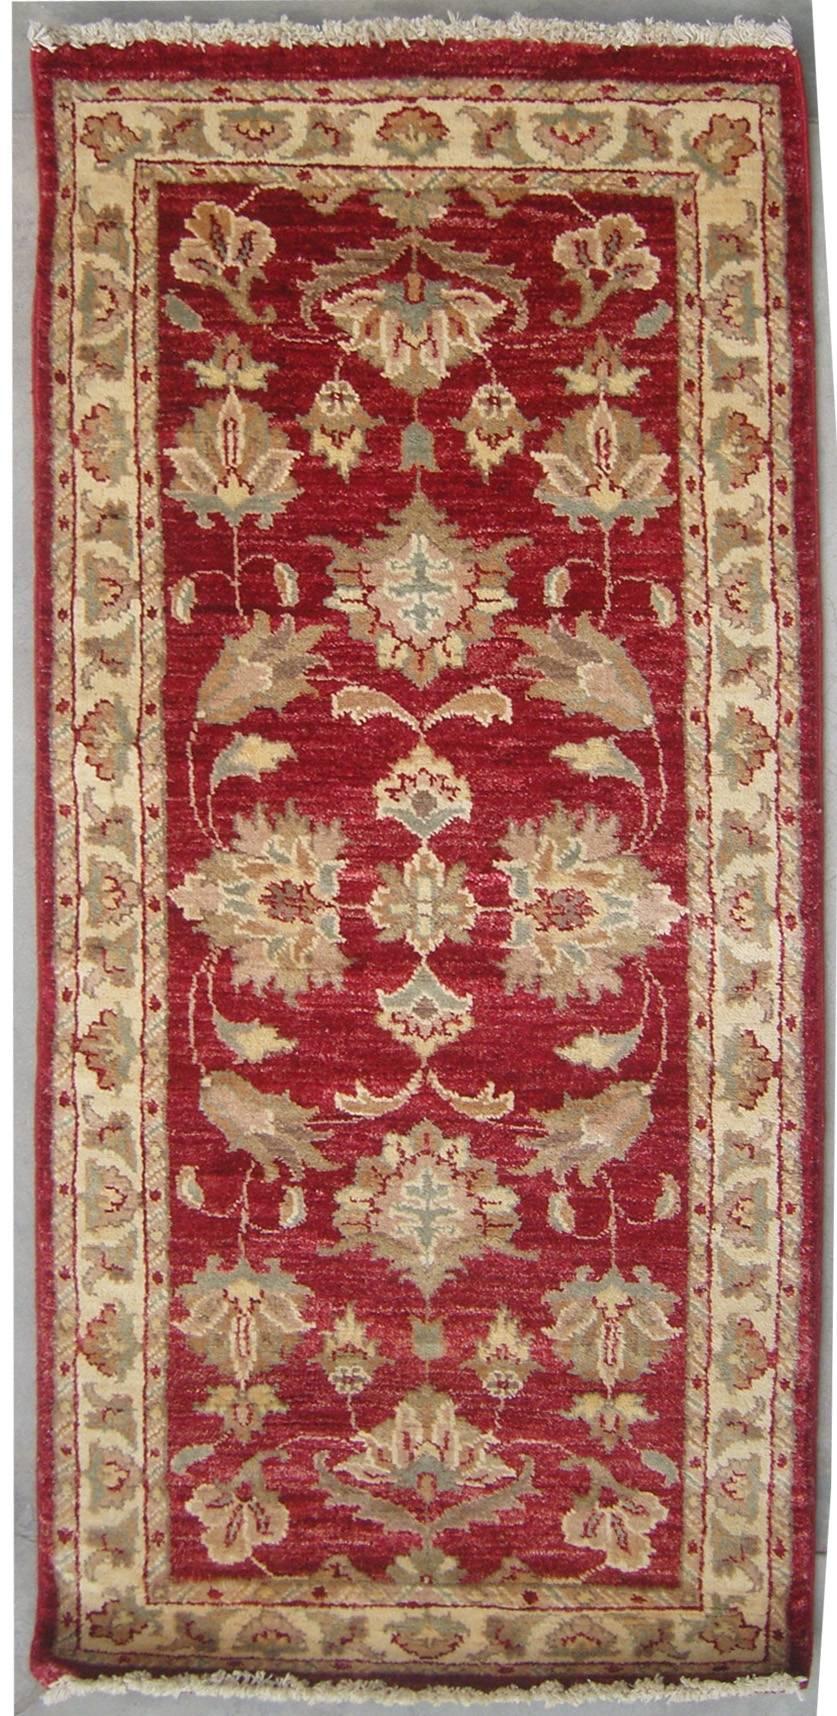 3x4'7 rug - ziegler chobi - handwoven chobi ziegler rugs made with